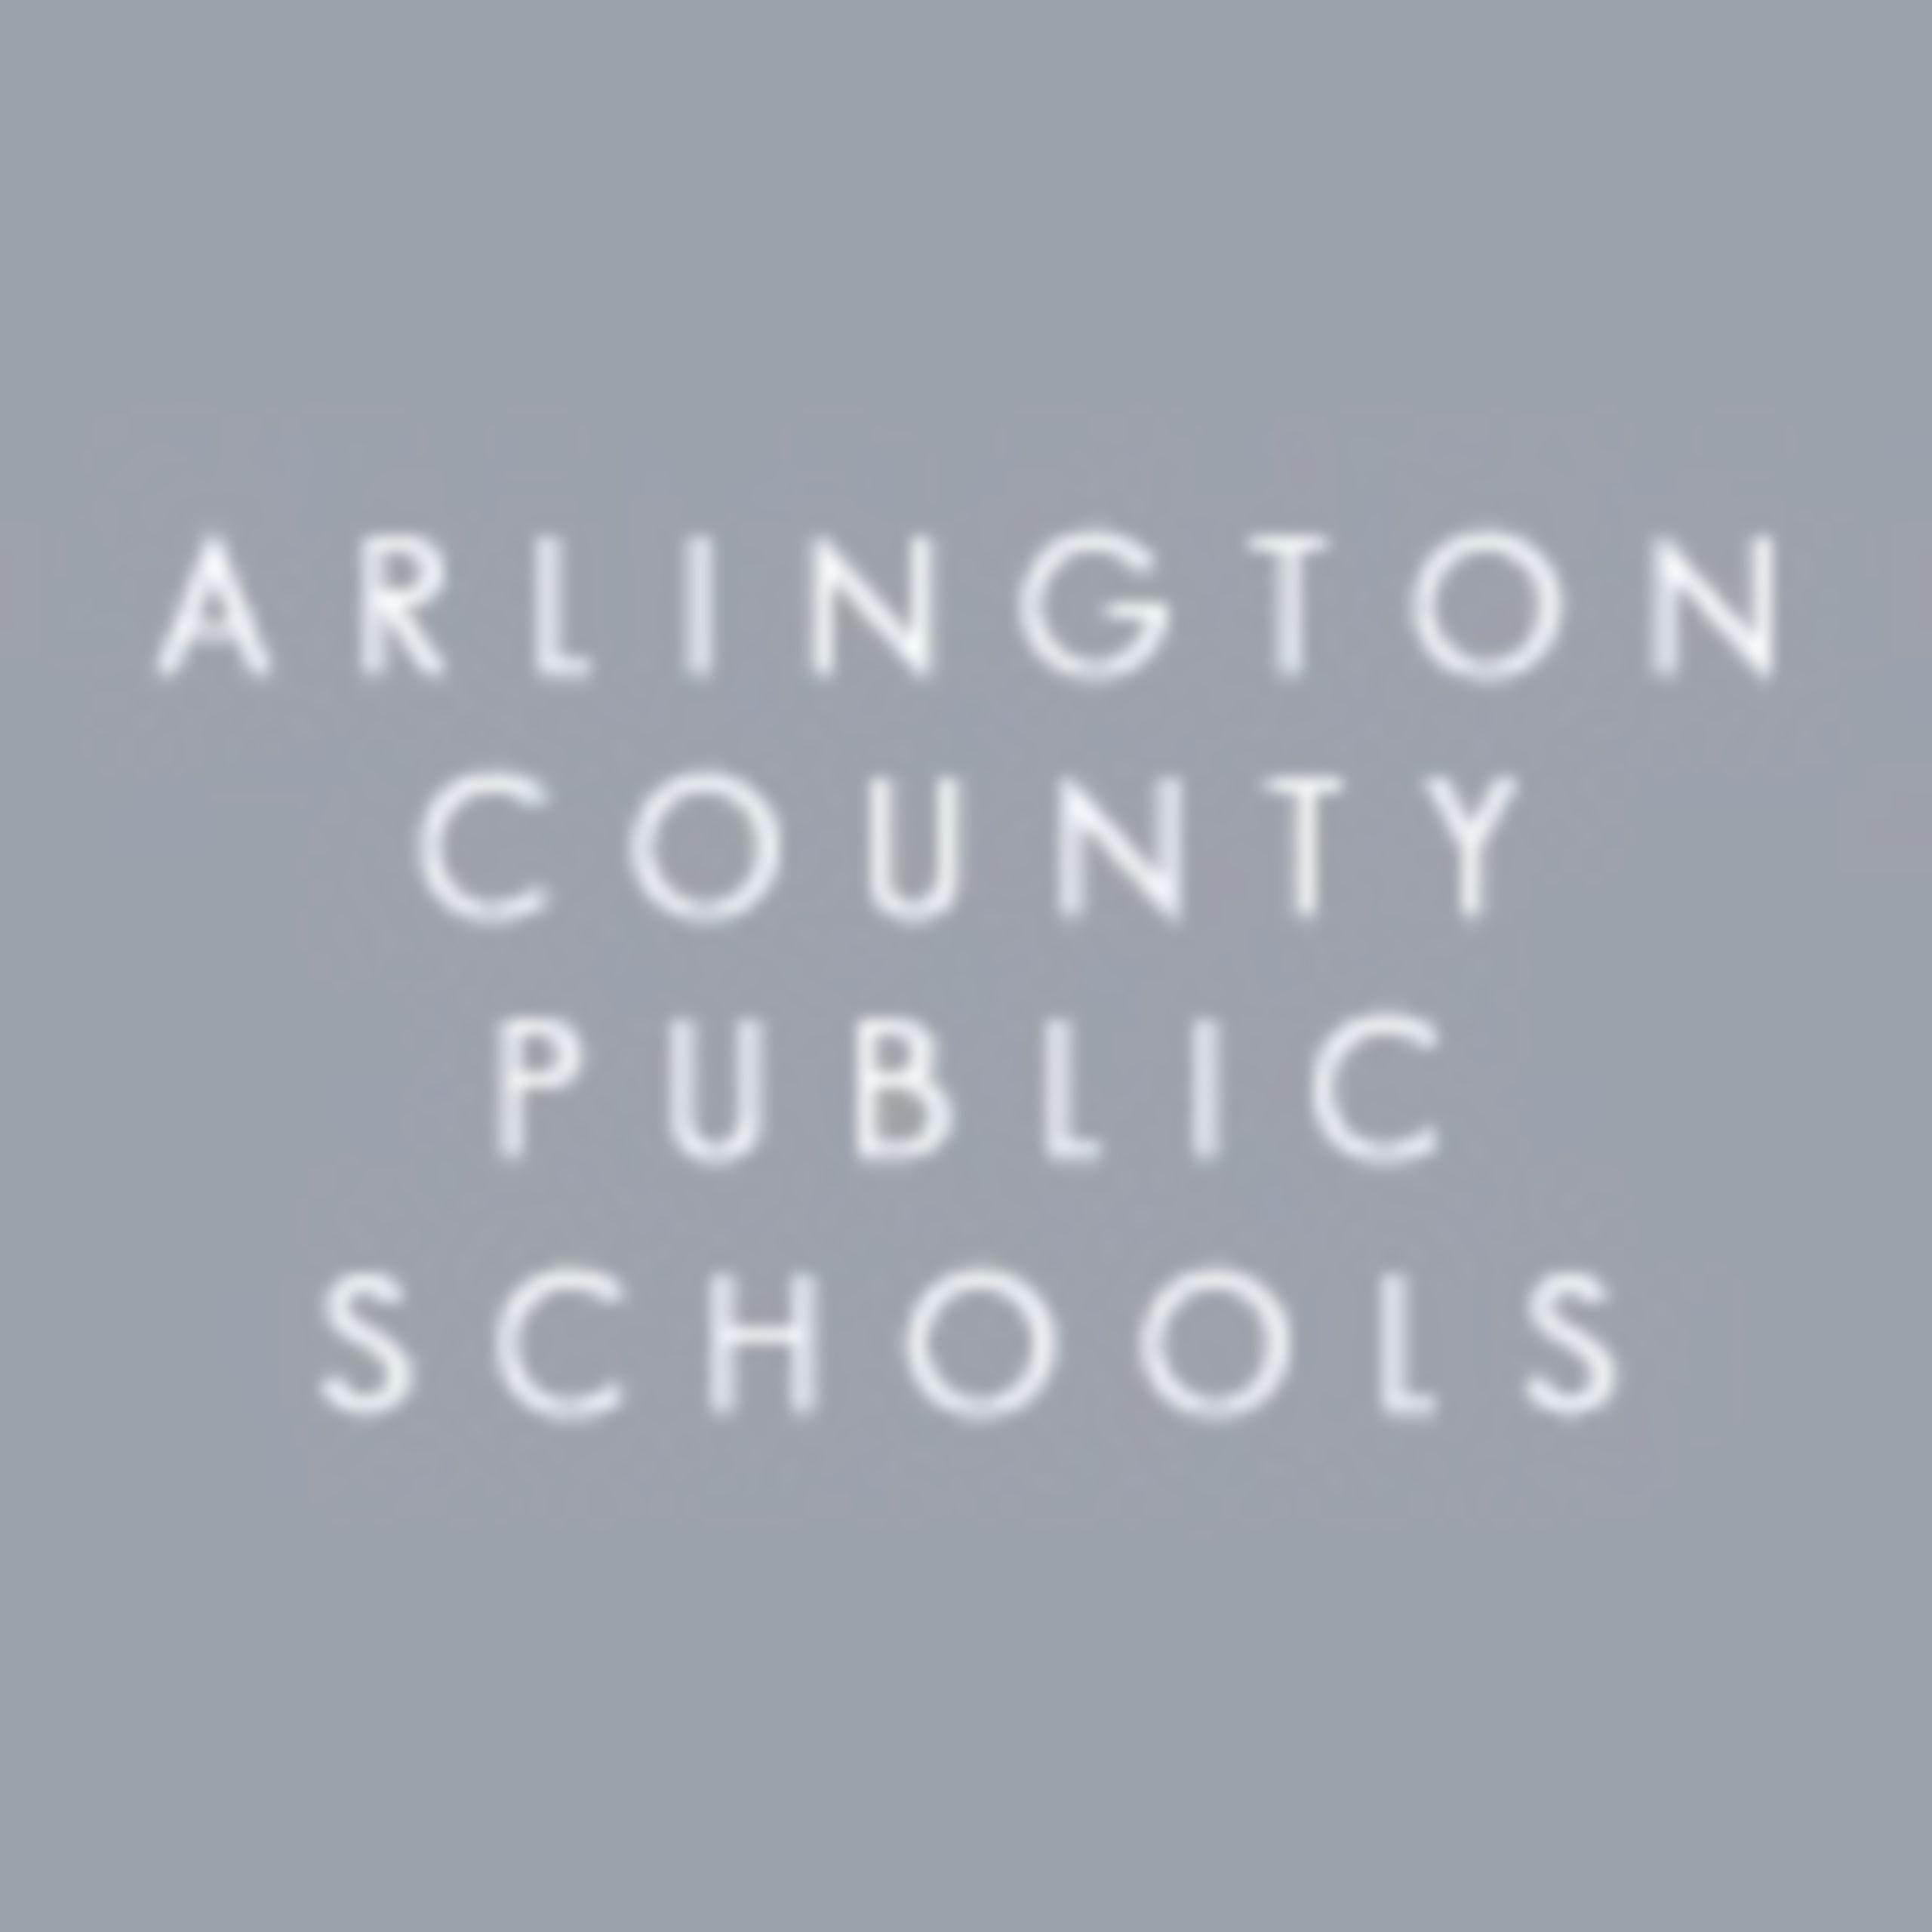 Arlington County Public Schools